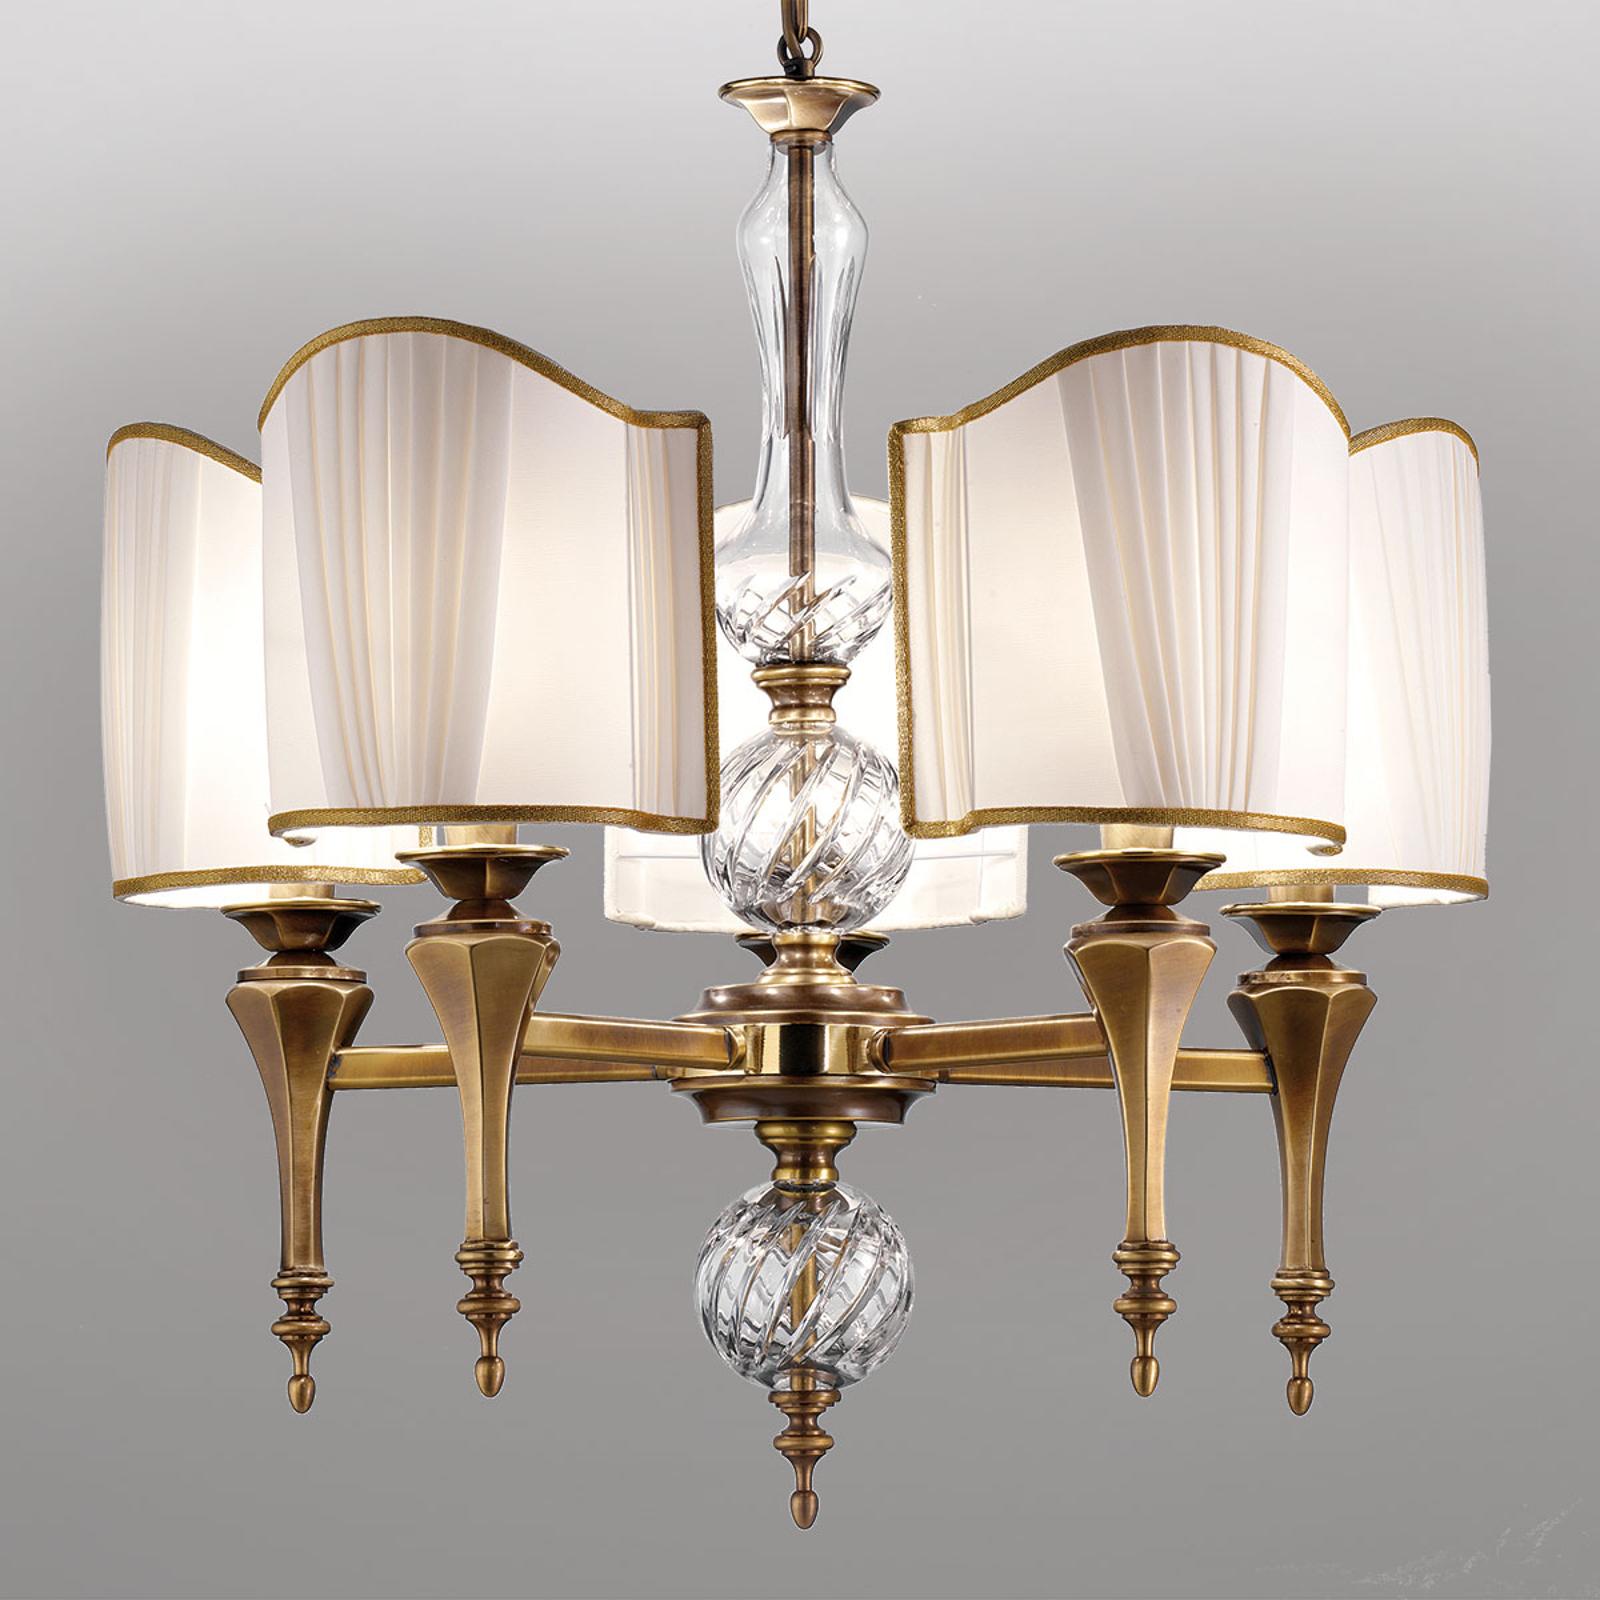 Belle Epoque, lampada a sospensione anticata